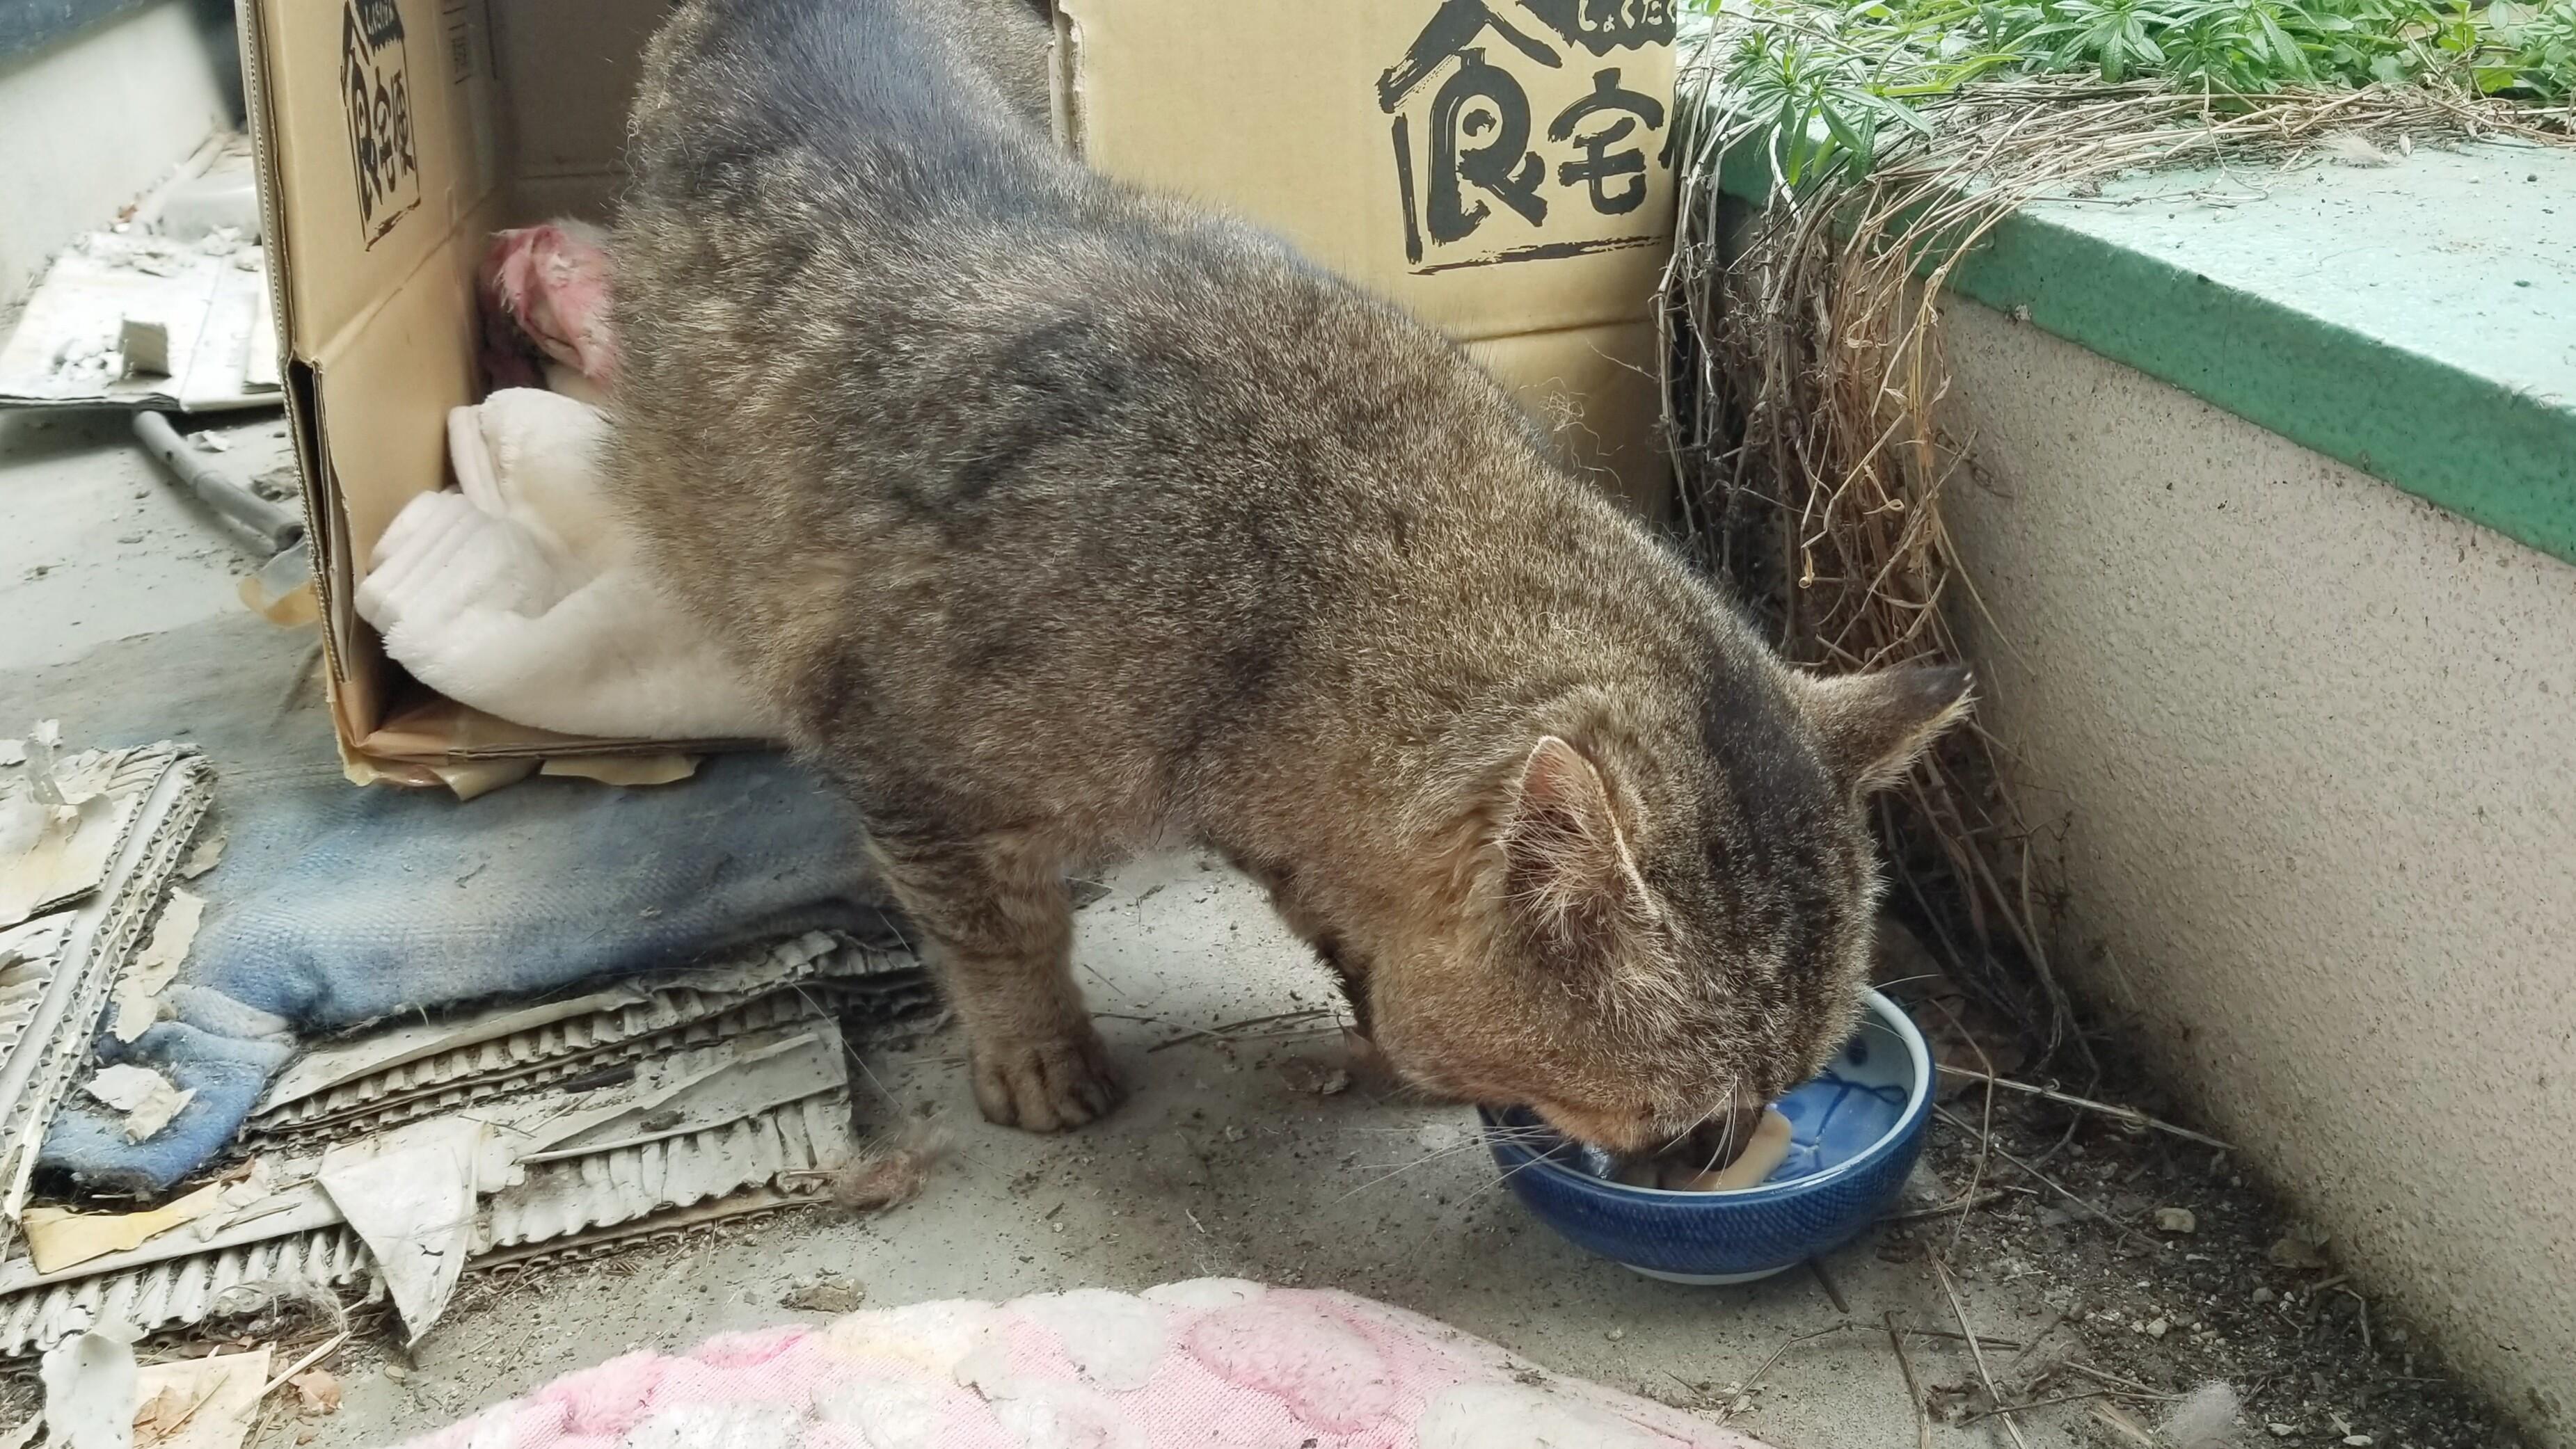 野良猫保護餌やりご飯老衰具合い悪いそう老猫画像にゃんこラブ